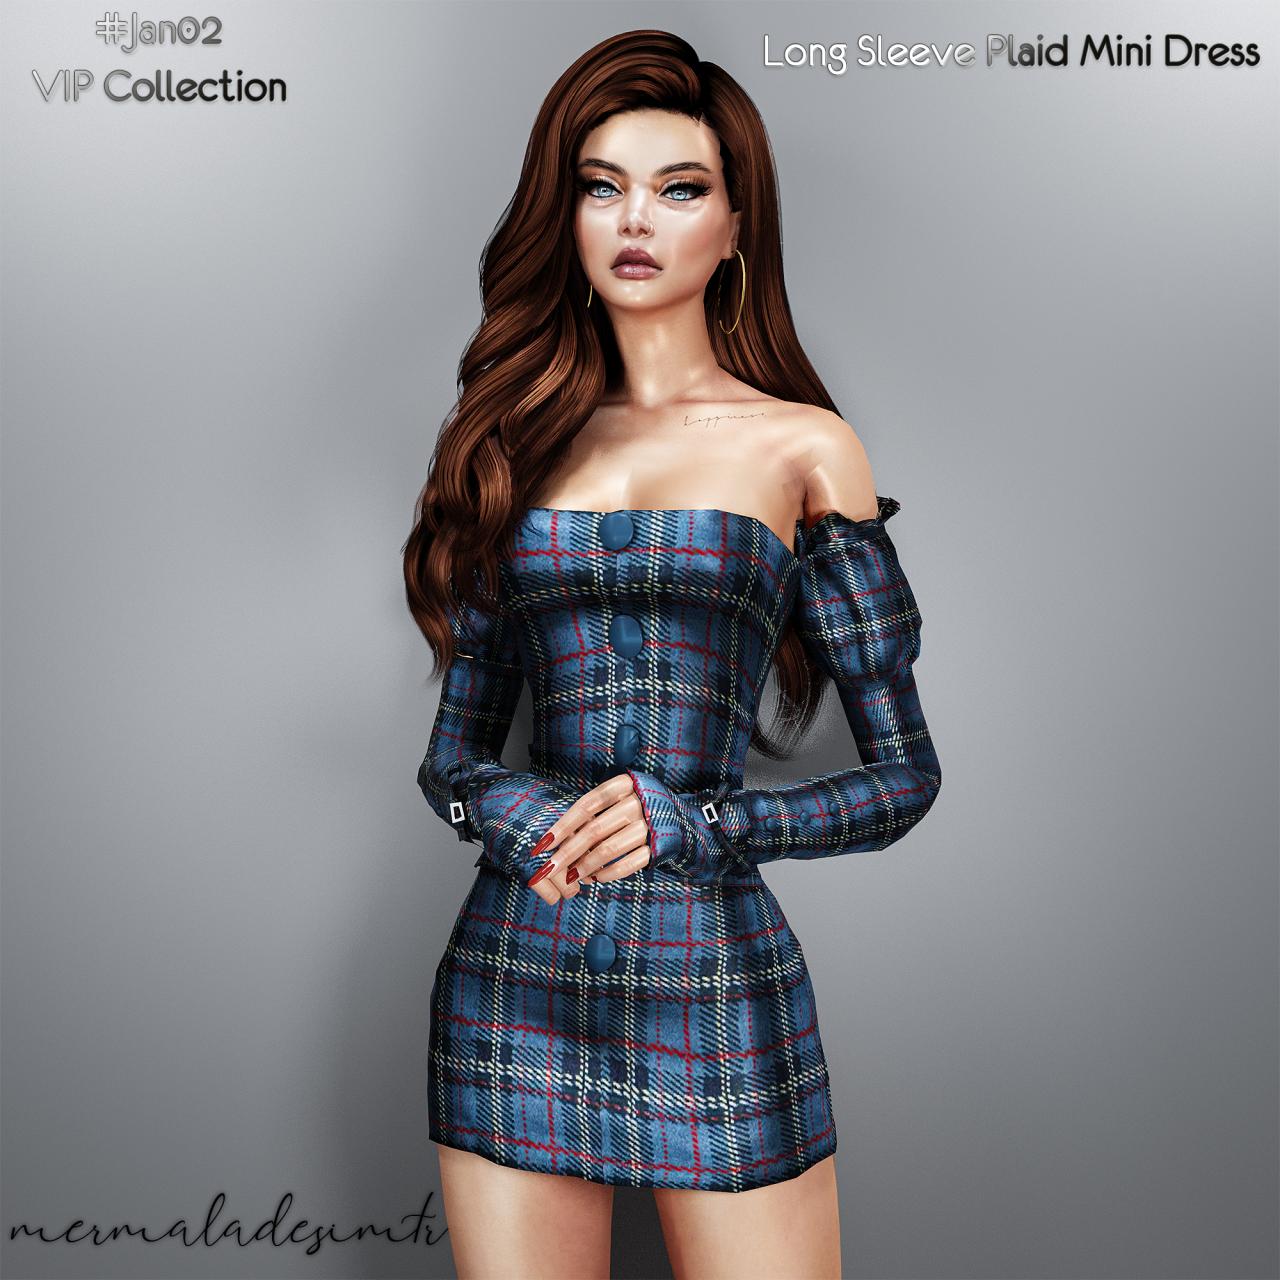 Roli Cannoli Cc Findz Corner Mermaladesimtr Vip Long Sleeve Plaid Mini In 2021 Long Sleeve Plaid Mini Dress Dresses [ 1280 x 1280 Pixel ]